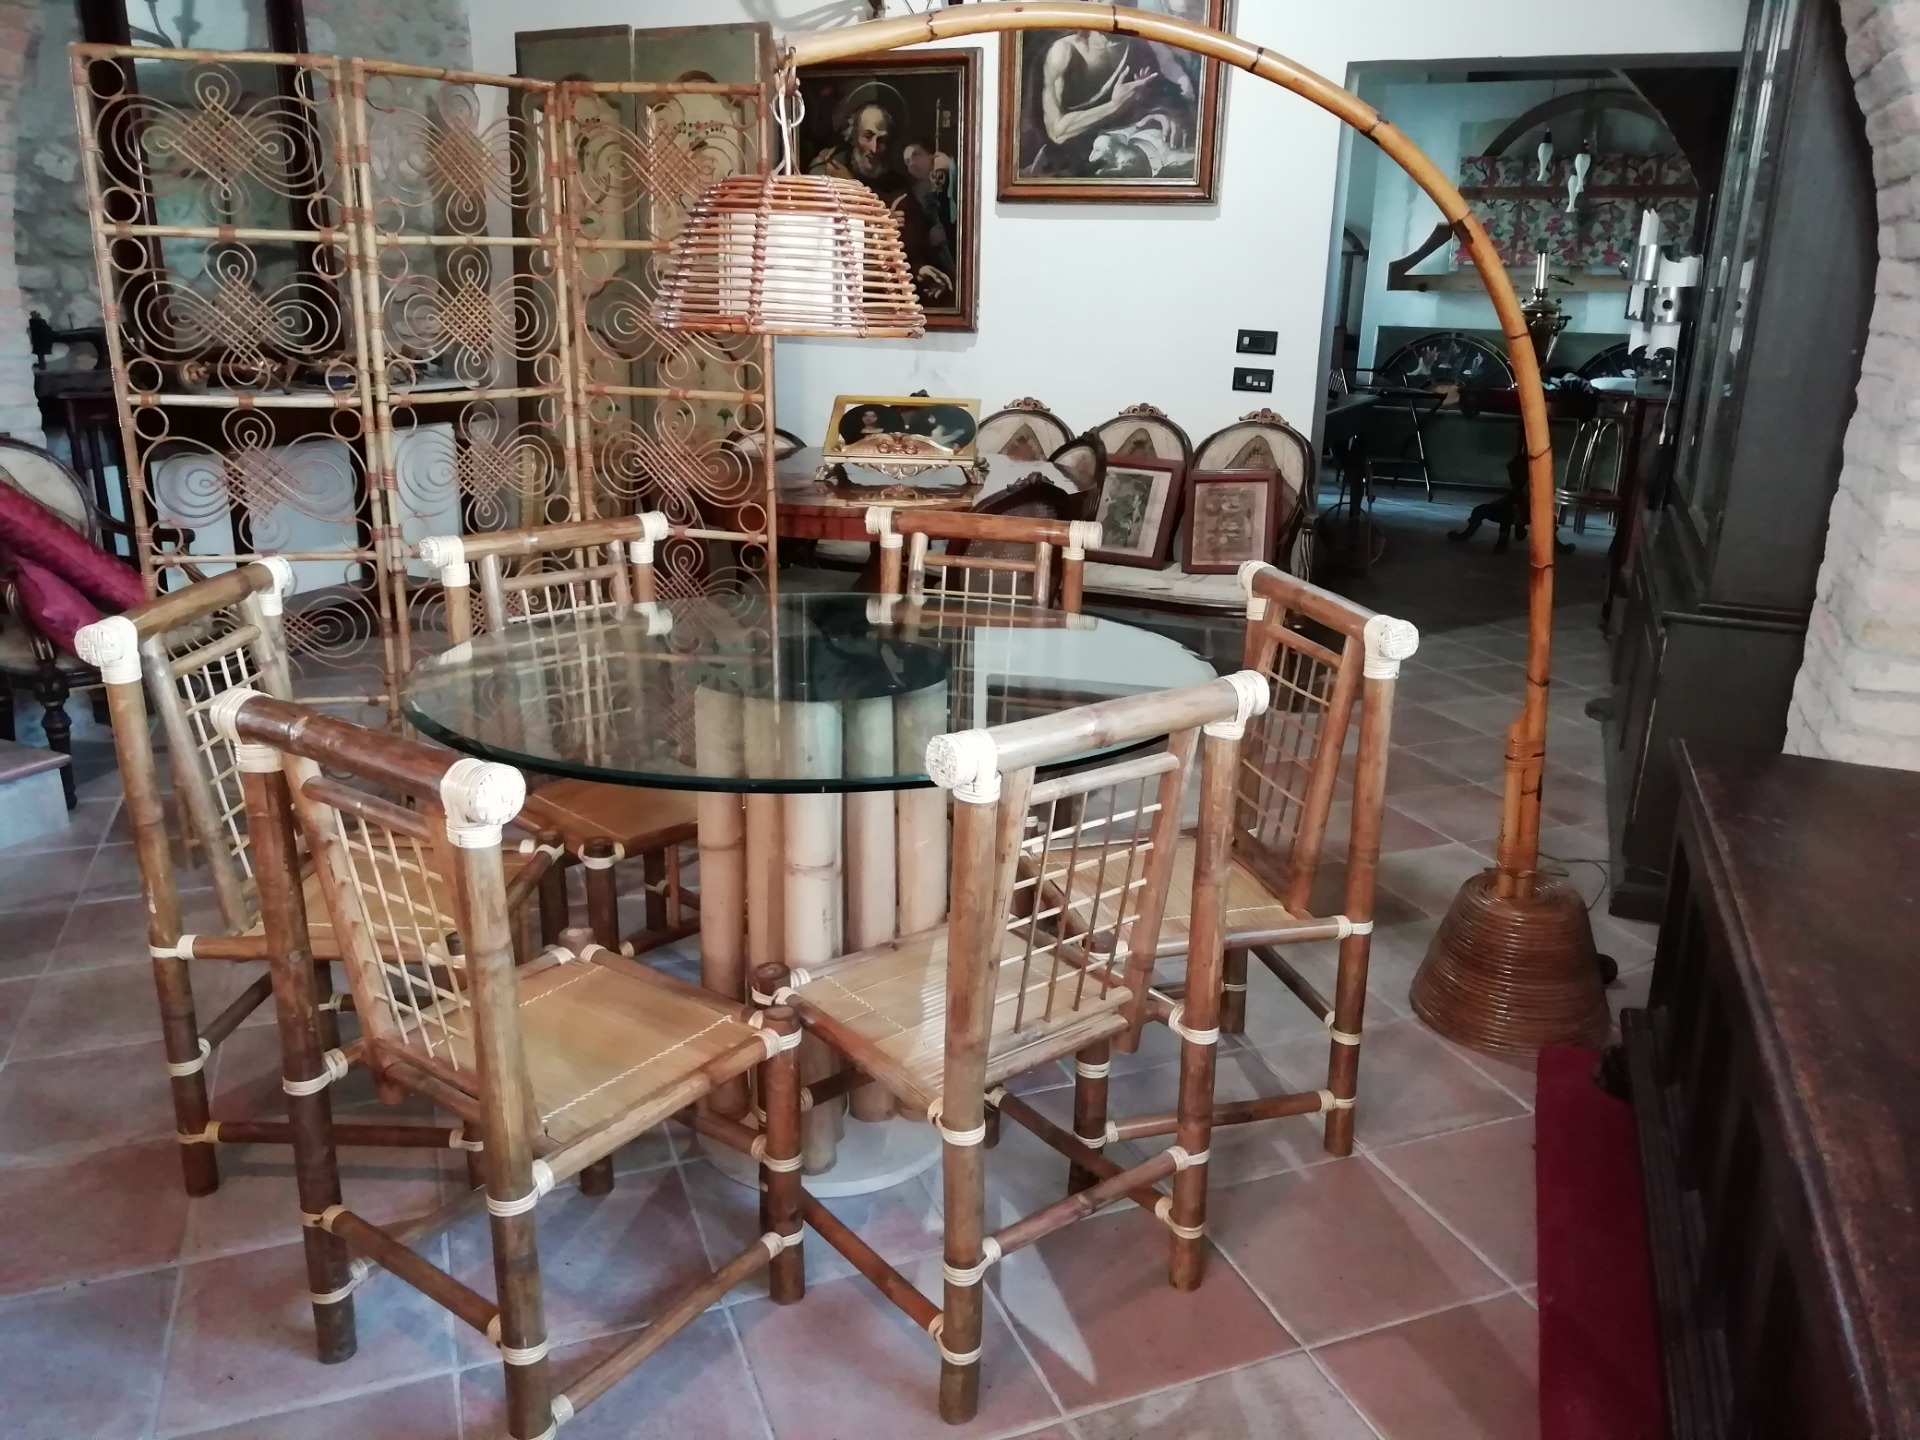 Tavolo In Vetro Con 6 Sedie.Particolare Tavolo In Bambu Con Piano In Cristallo Corredato Da 6